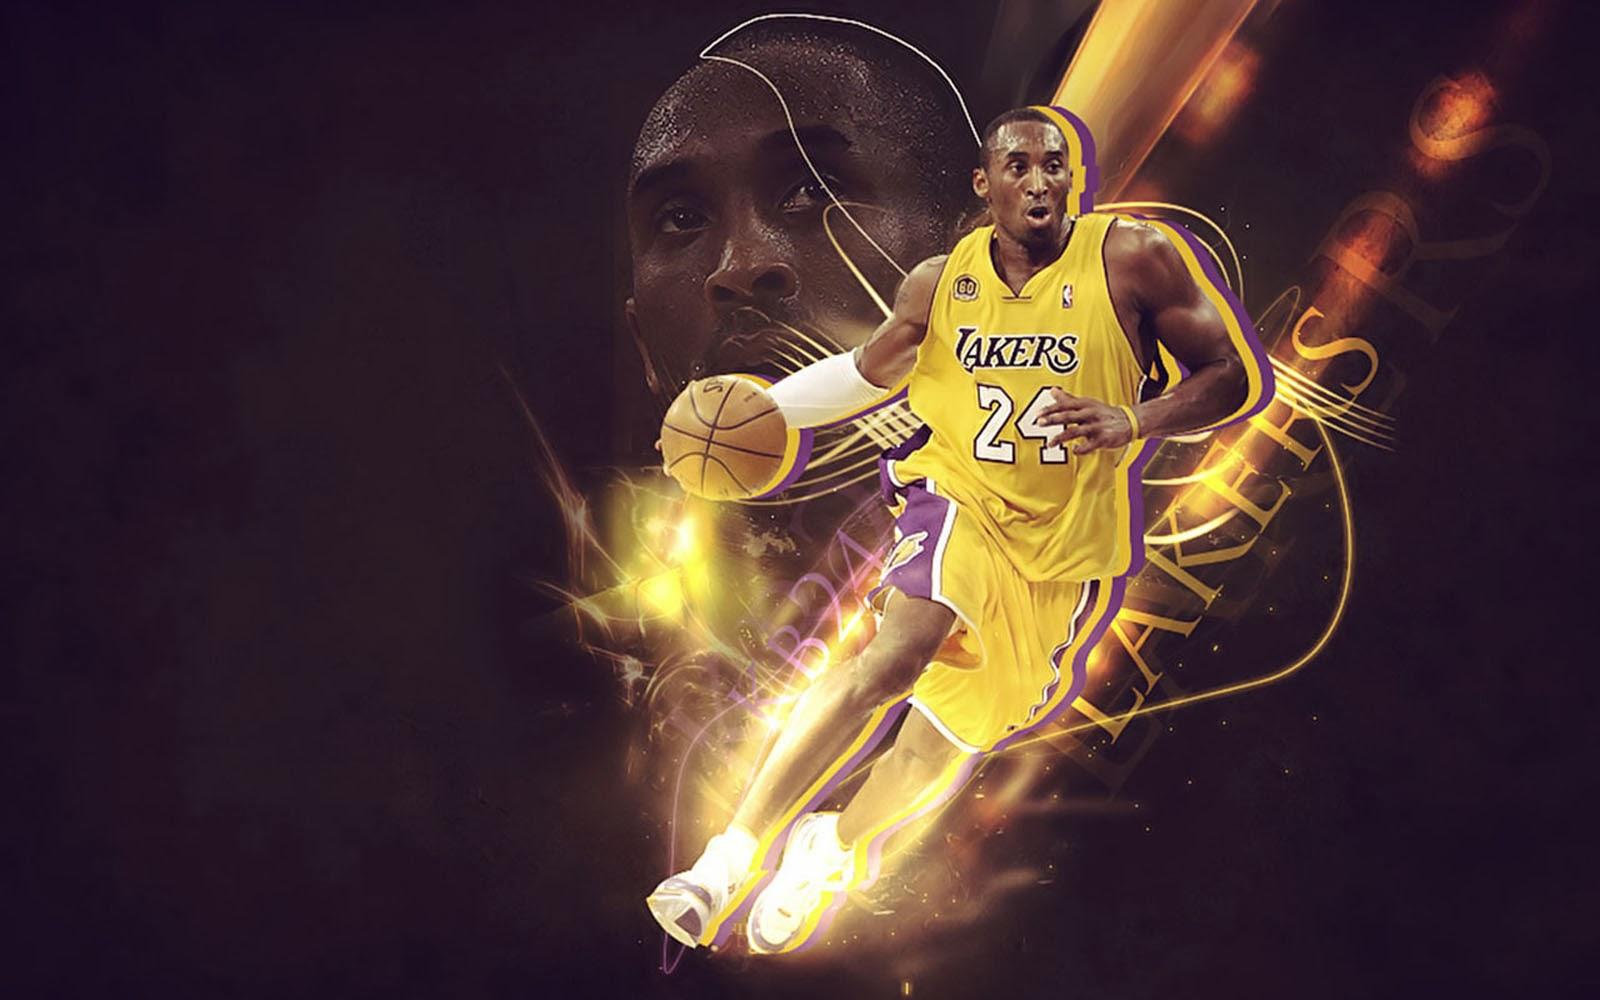 Nba Kobe Bryant Wallpaper: Wallpapers: Kobe Bryant Wallpapers